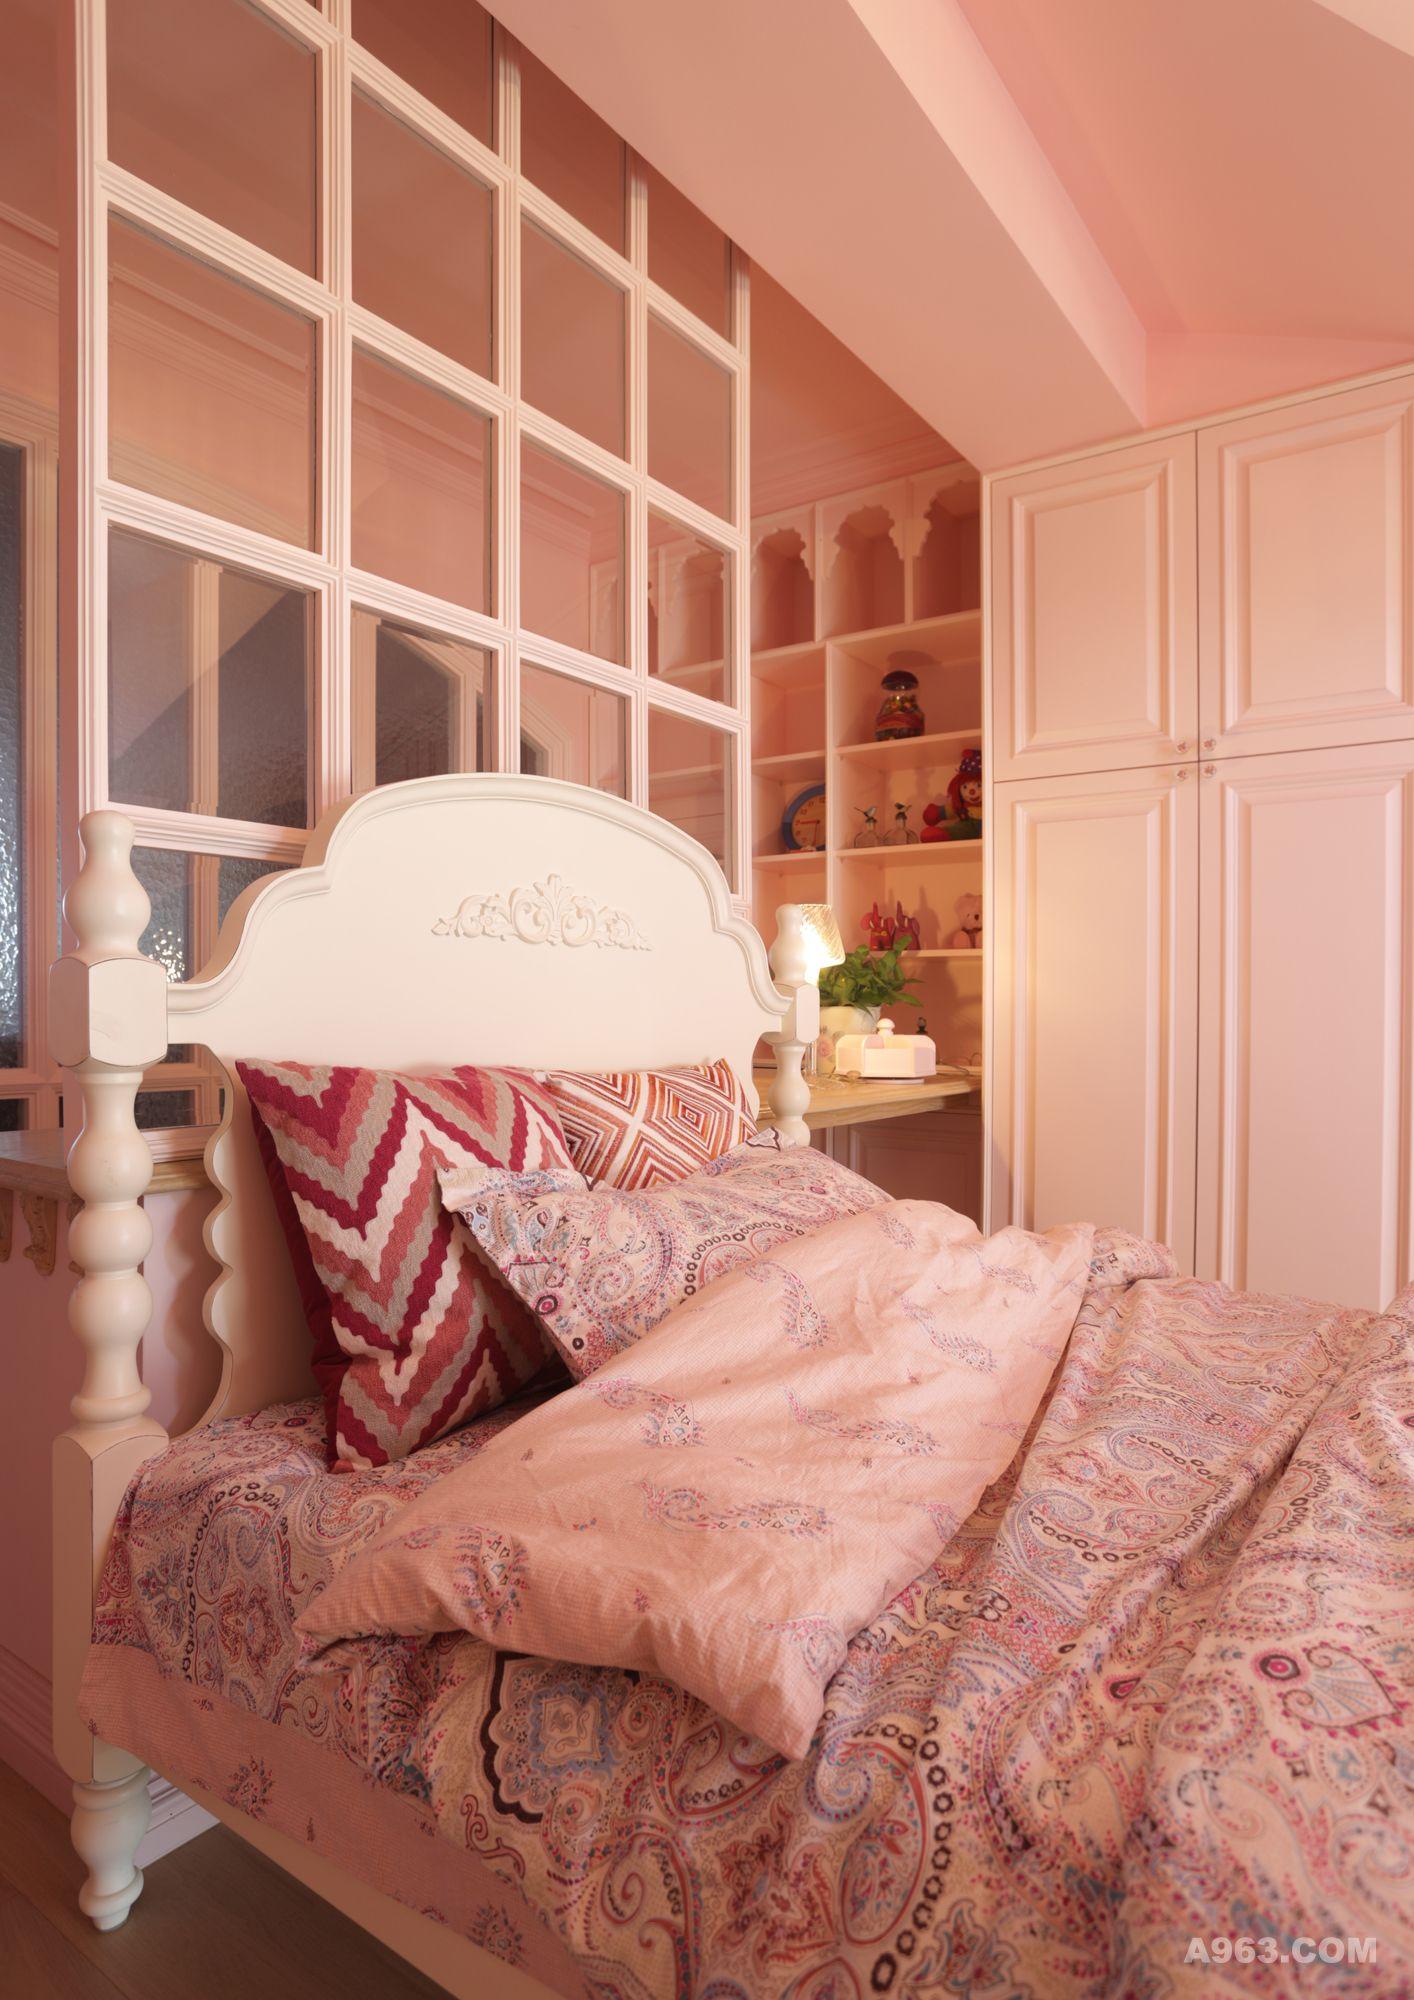 床 家居 家具 起居室 设计 卧室 装修 1414_2000 竖版 竖屏